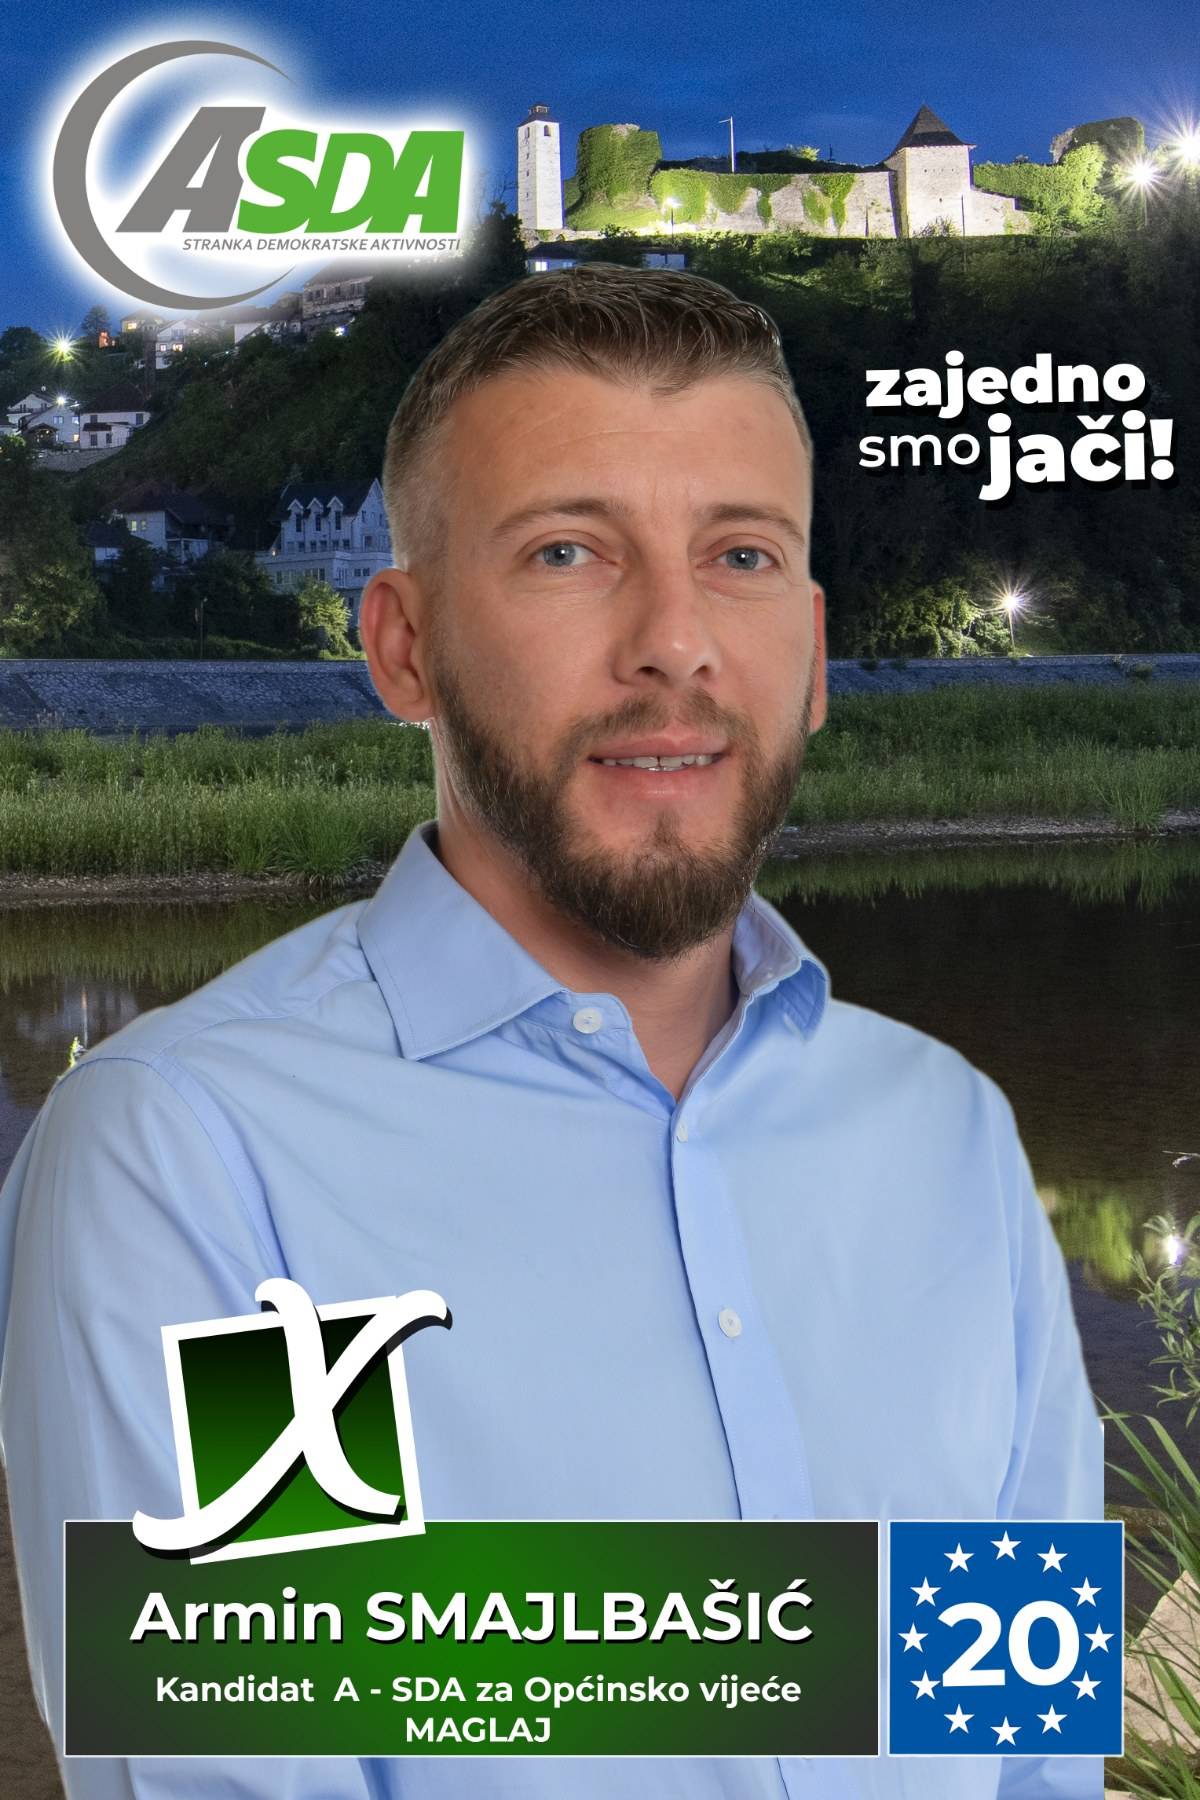 Armin Smajlbašić